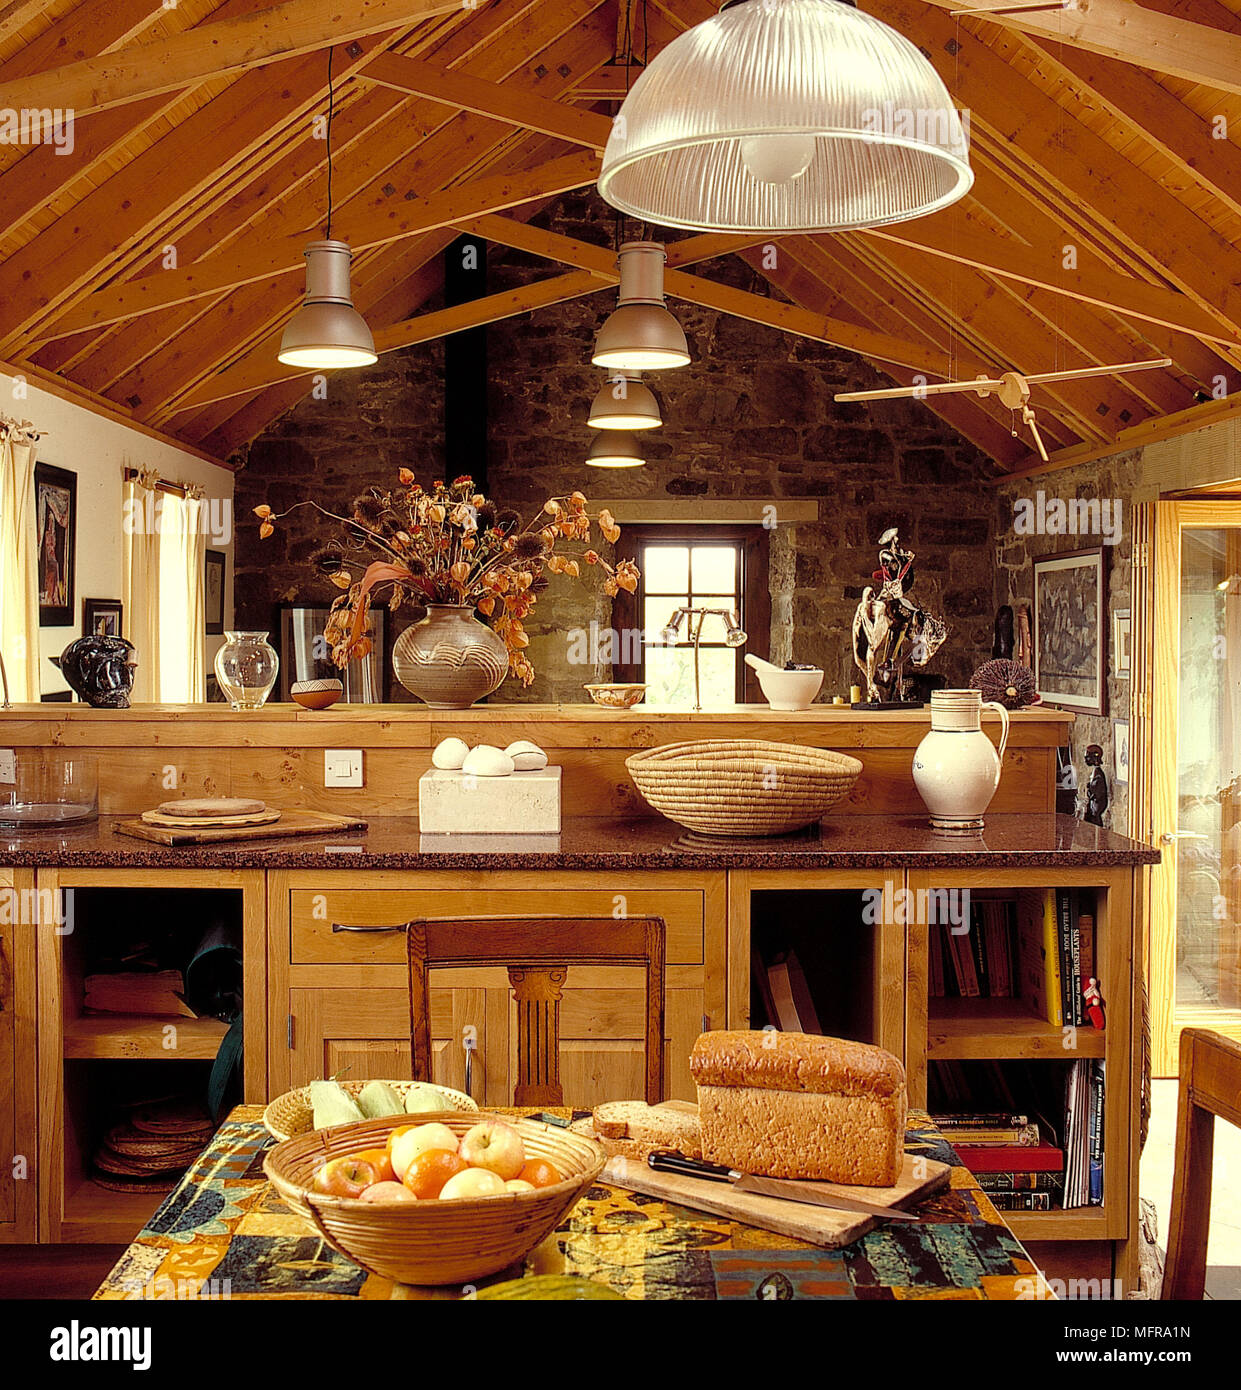 Berühmt Benutzerdefinierte Flachgehäuse Küchen Perth Fotos - Ideen ...